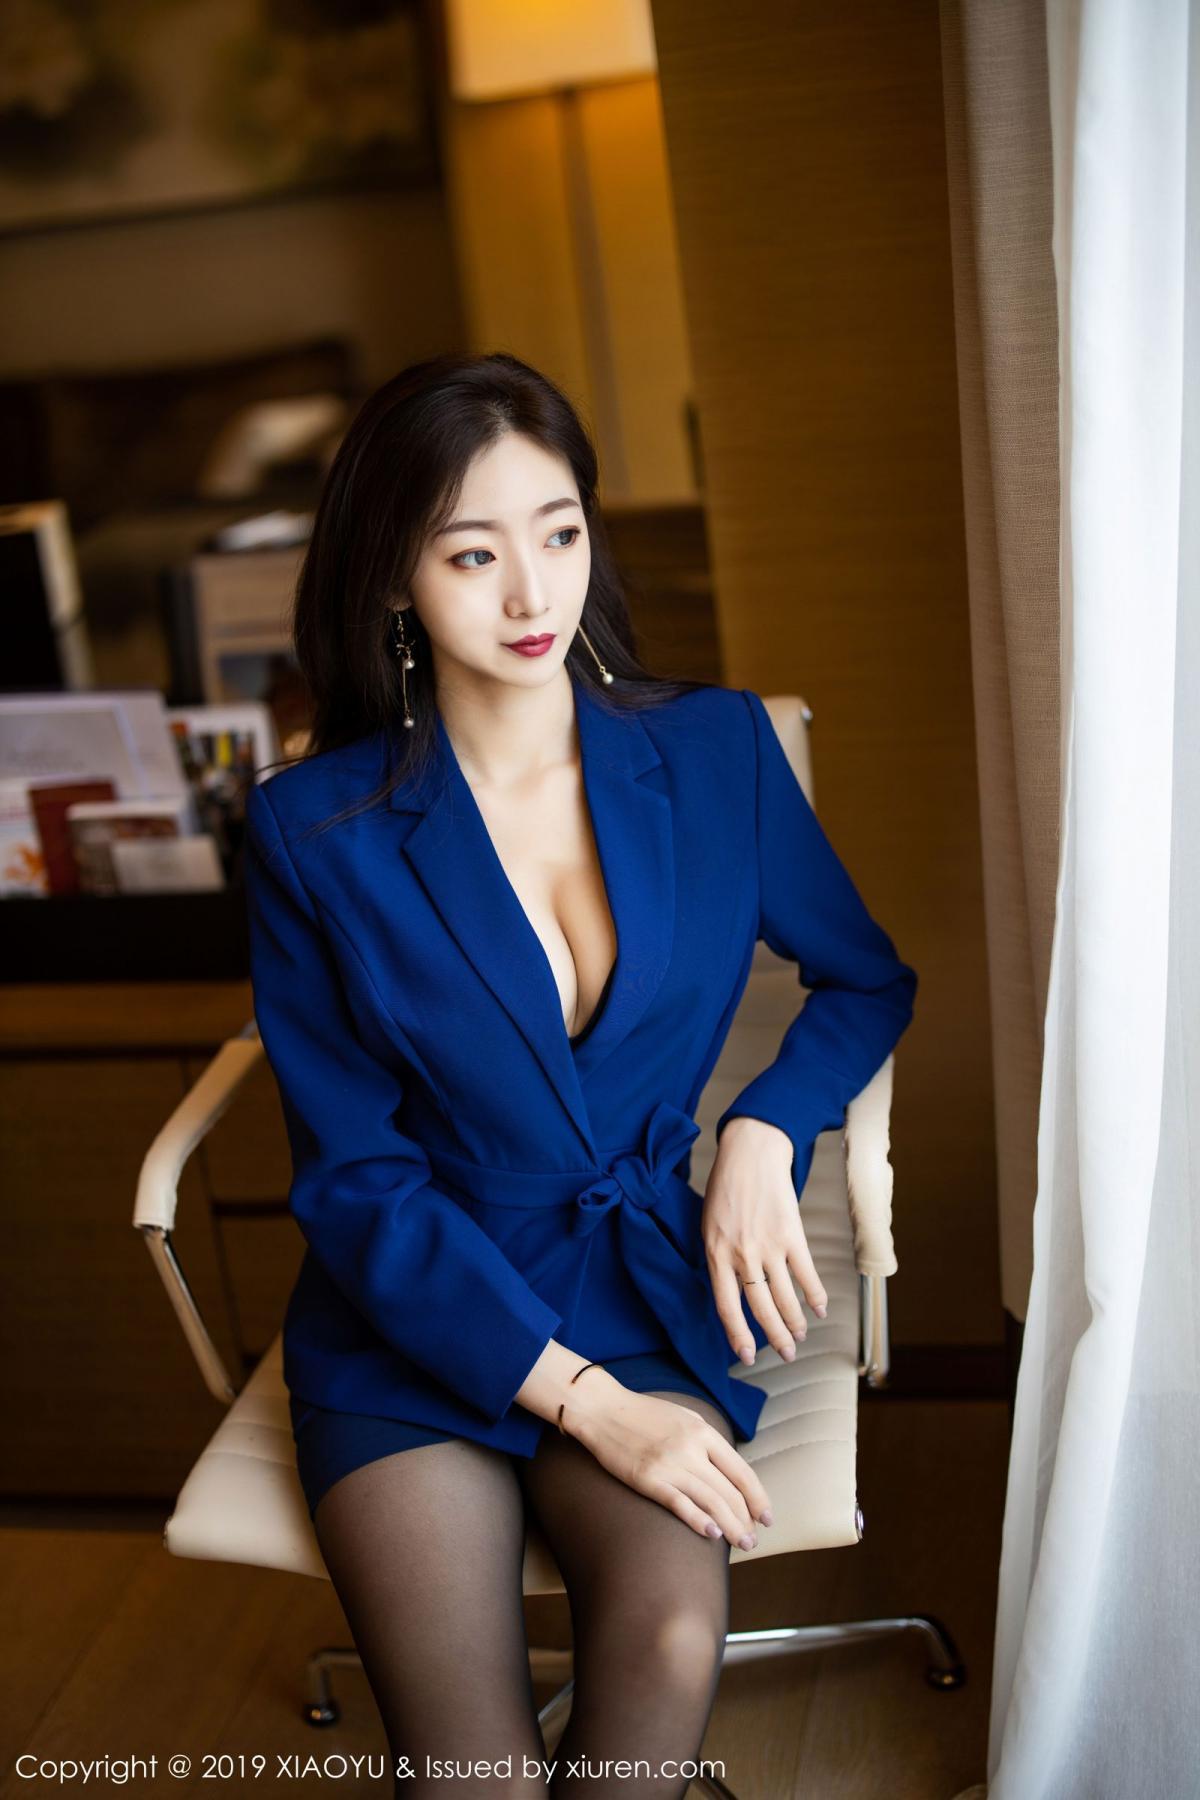 [XiaoYu] Vol.203 An Qi Yee 10P, An Qi Yee, Black Silk, Tall, Uniform, XiaoYu